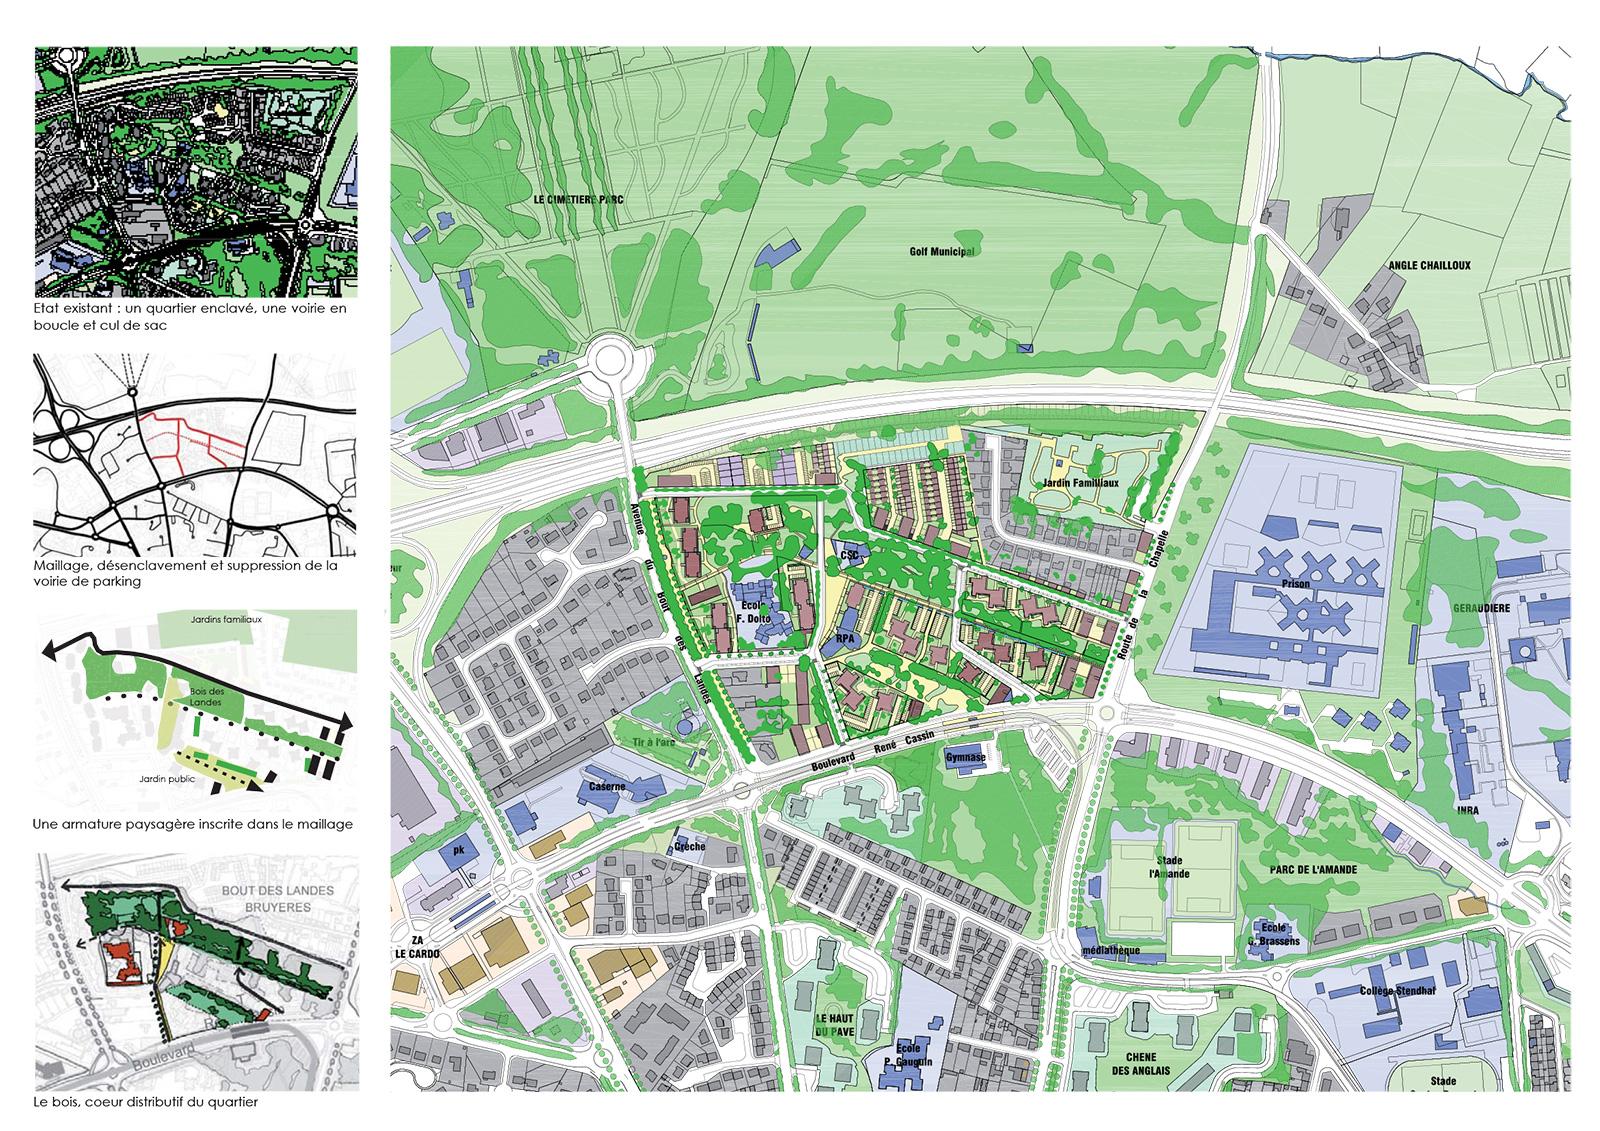 2--germe-et-jam-BDL-nantes-renouvellement-urbain-bout-des-landes-espace-public-Situation